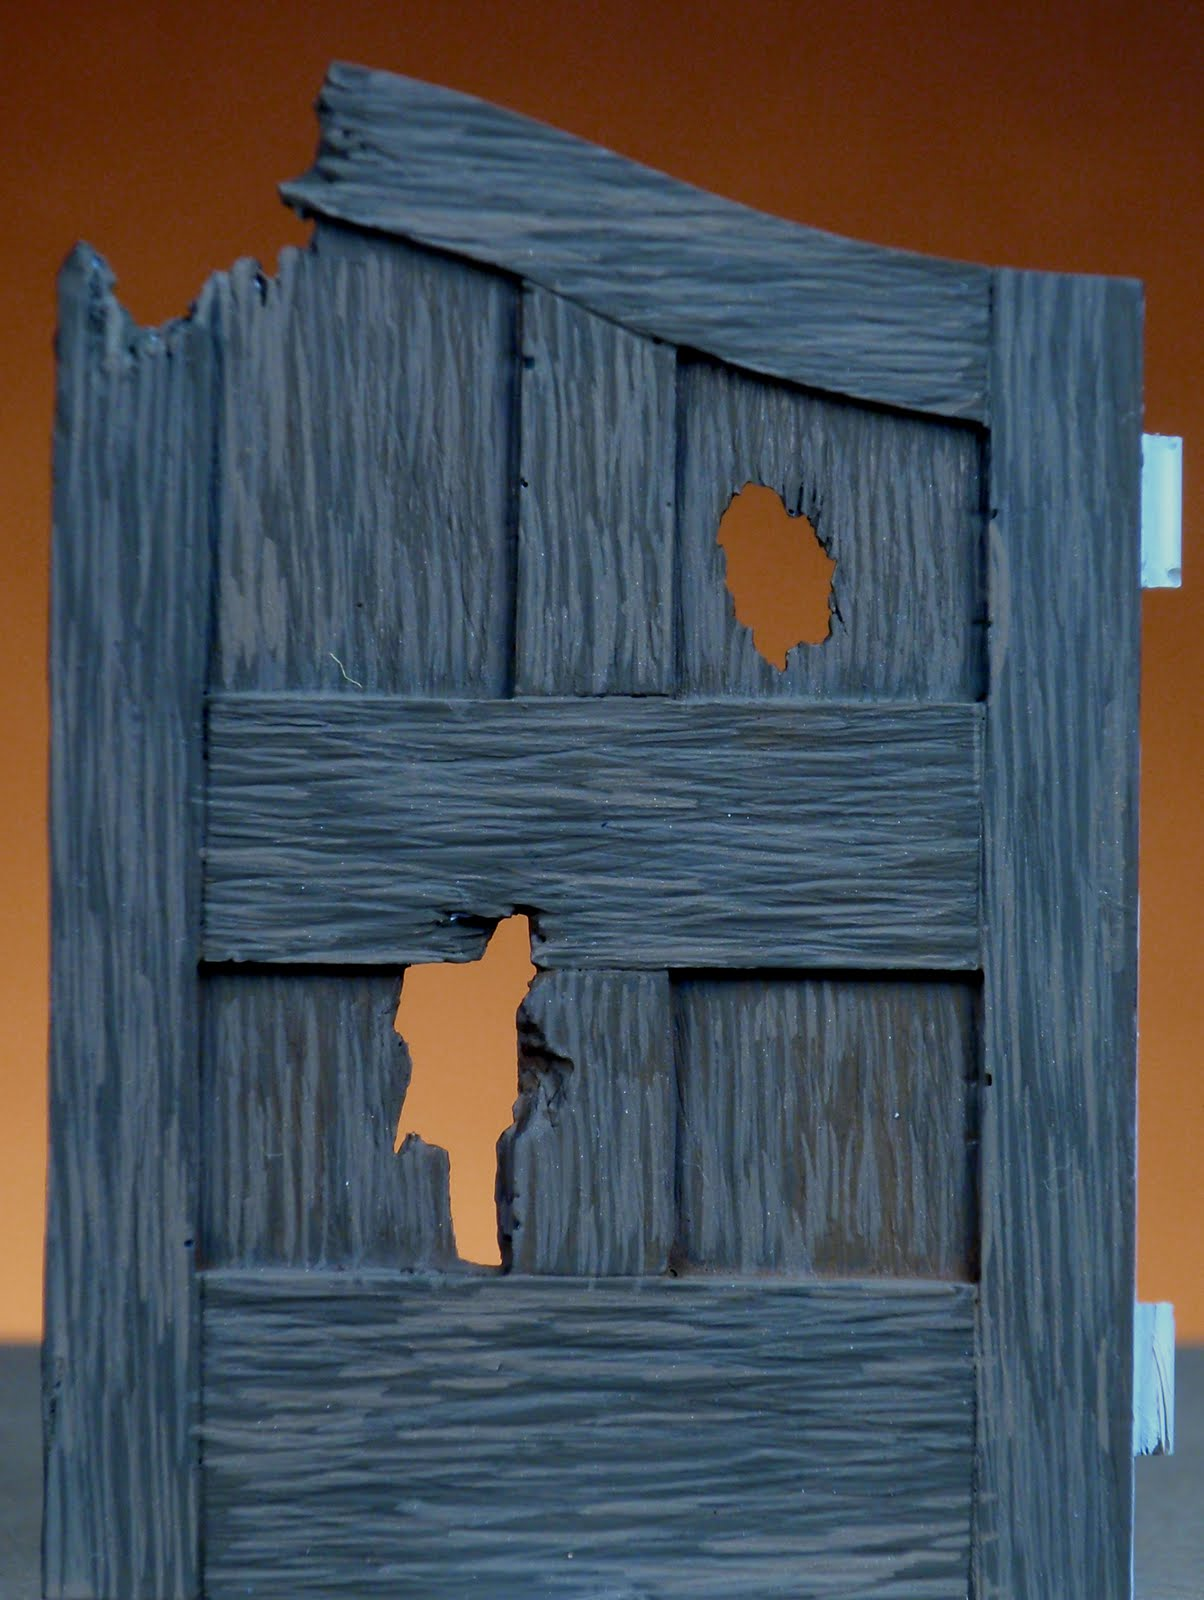 Jesus gamarra historia viva paso a paso de pintura de - Pintura puertas madera ...